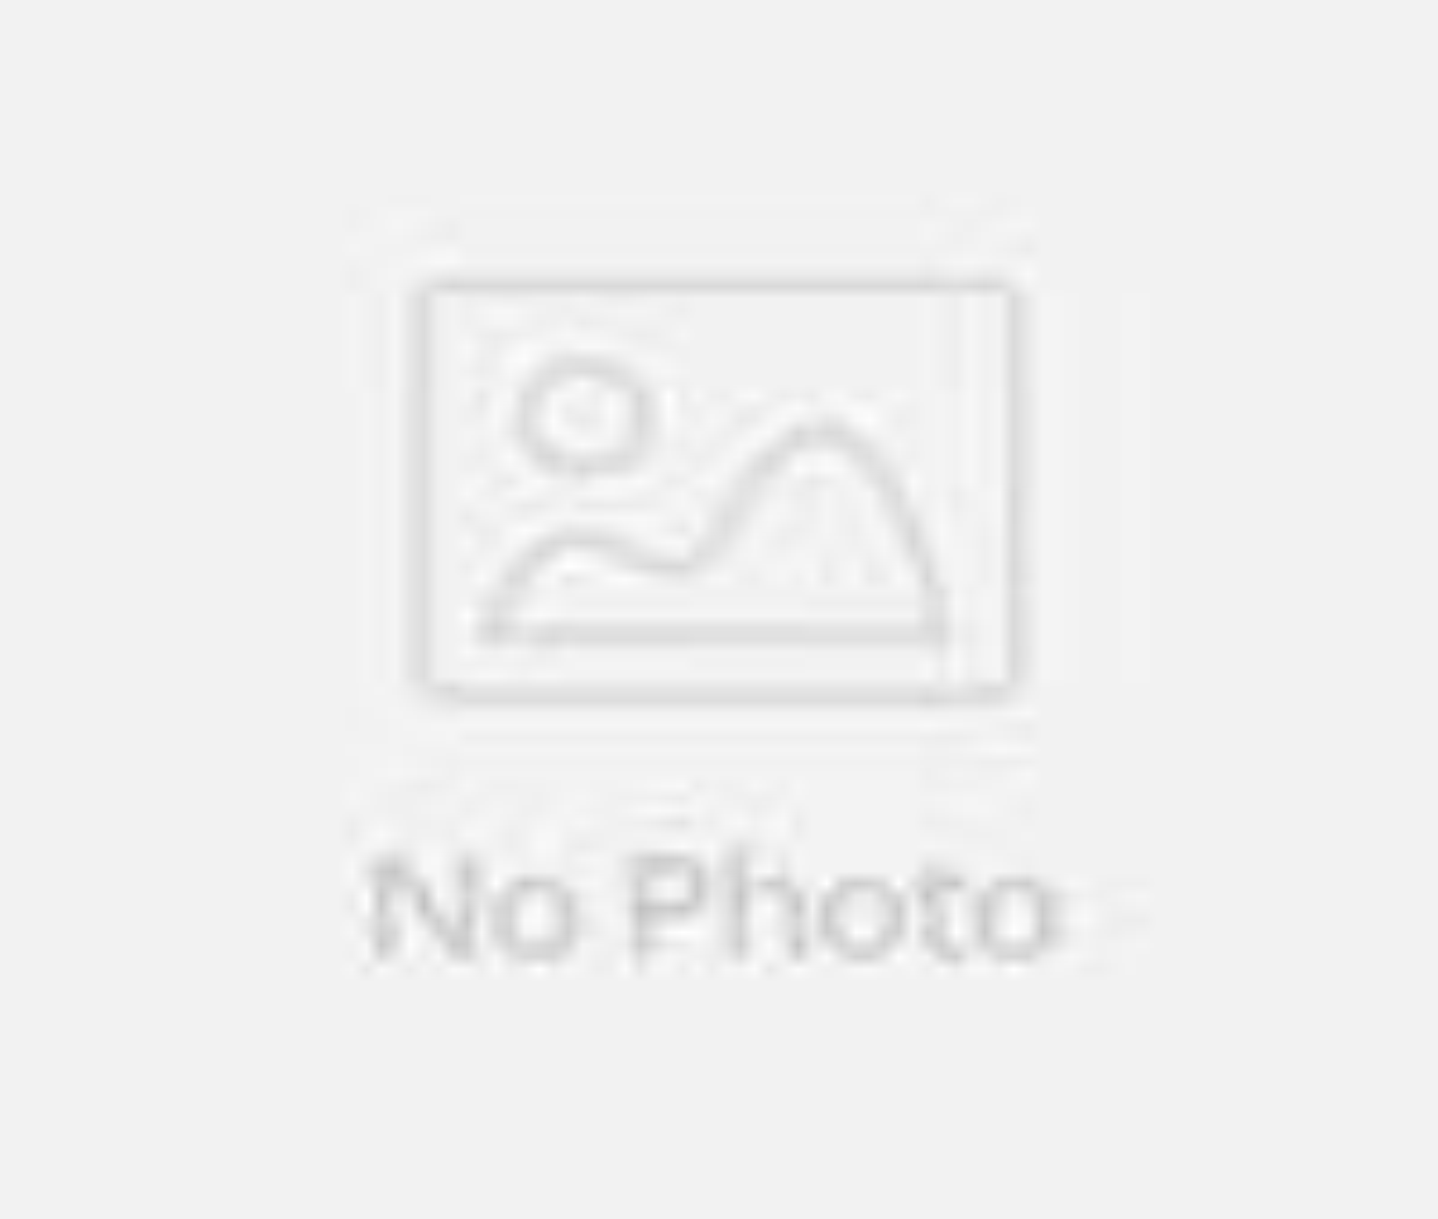 Muebles de plastico tejido 20170812140818 for Muebles terraza rattan pvc chile